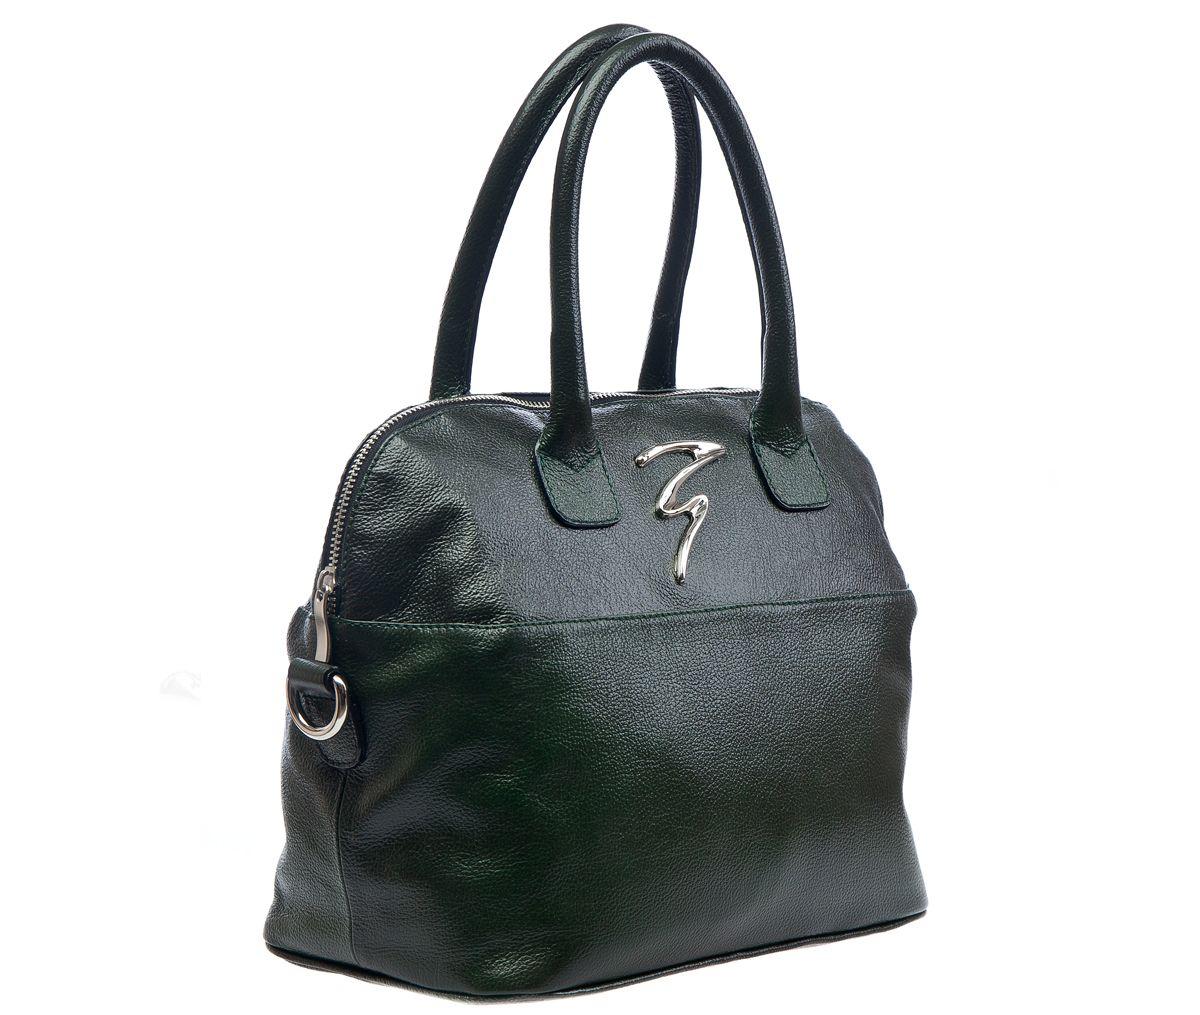 945debc0e0e5 Тёмно-зелёная кожаная сумка - Купить тёмно-зелёную кожаную сумку